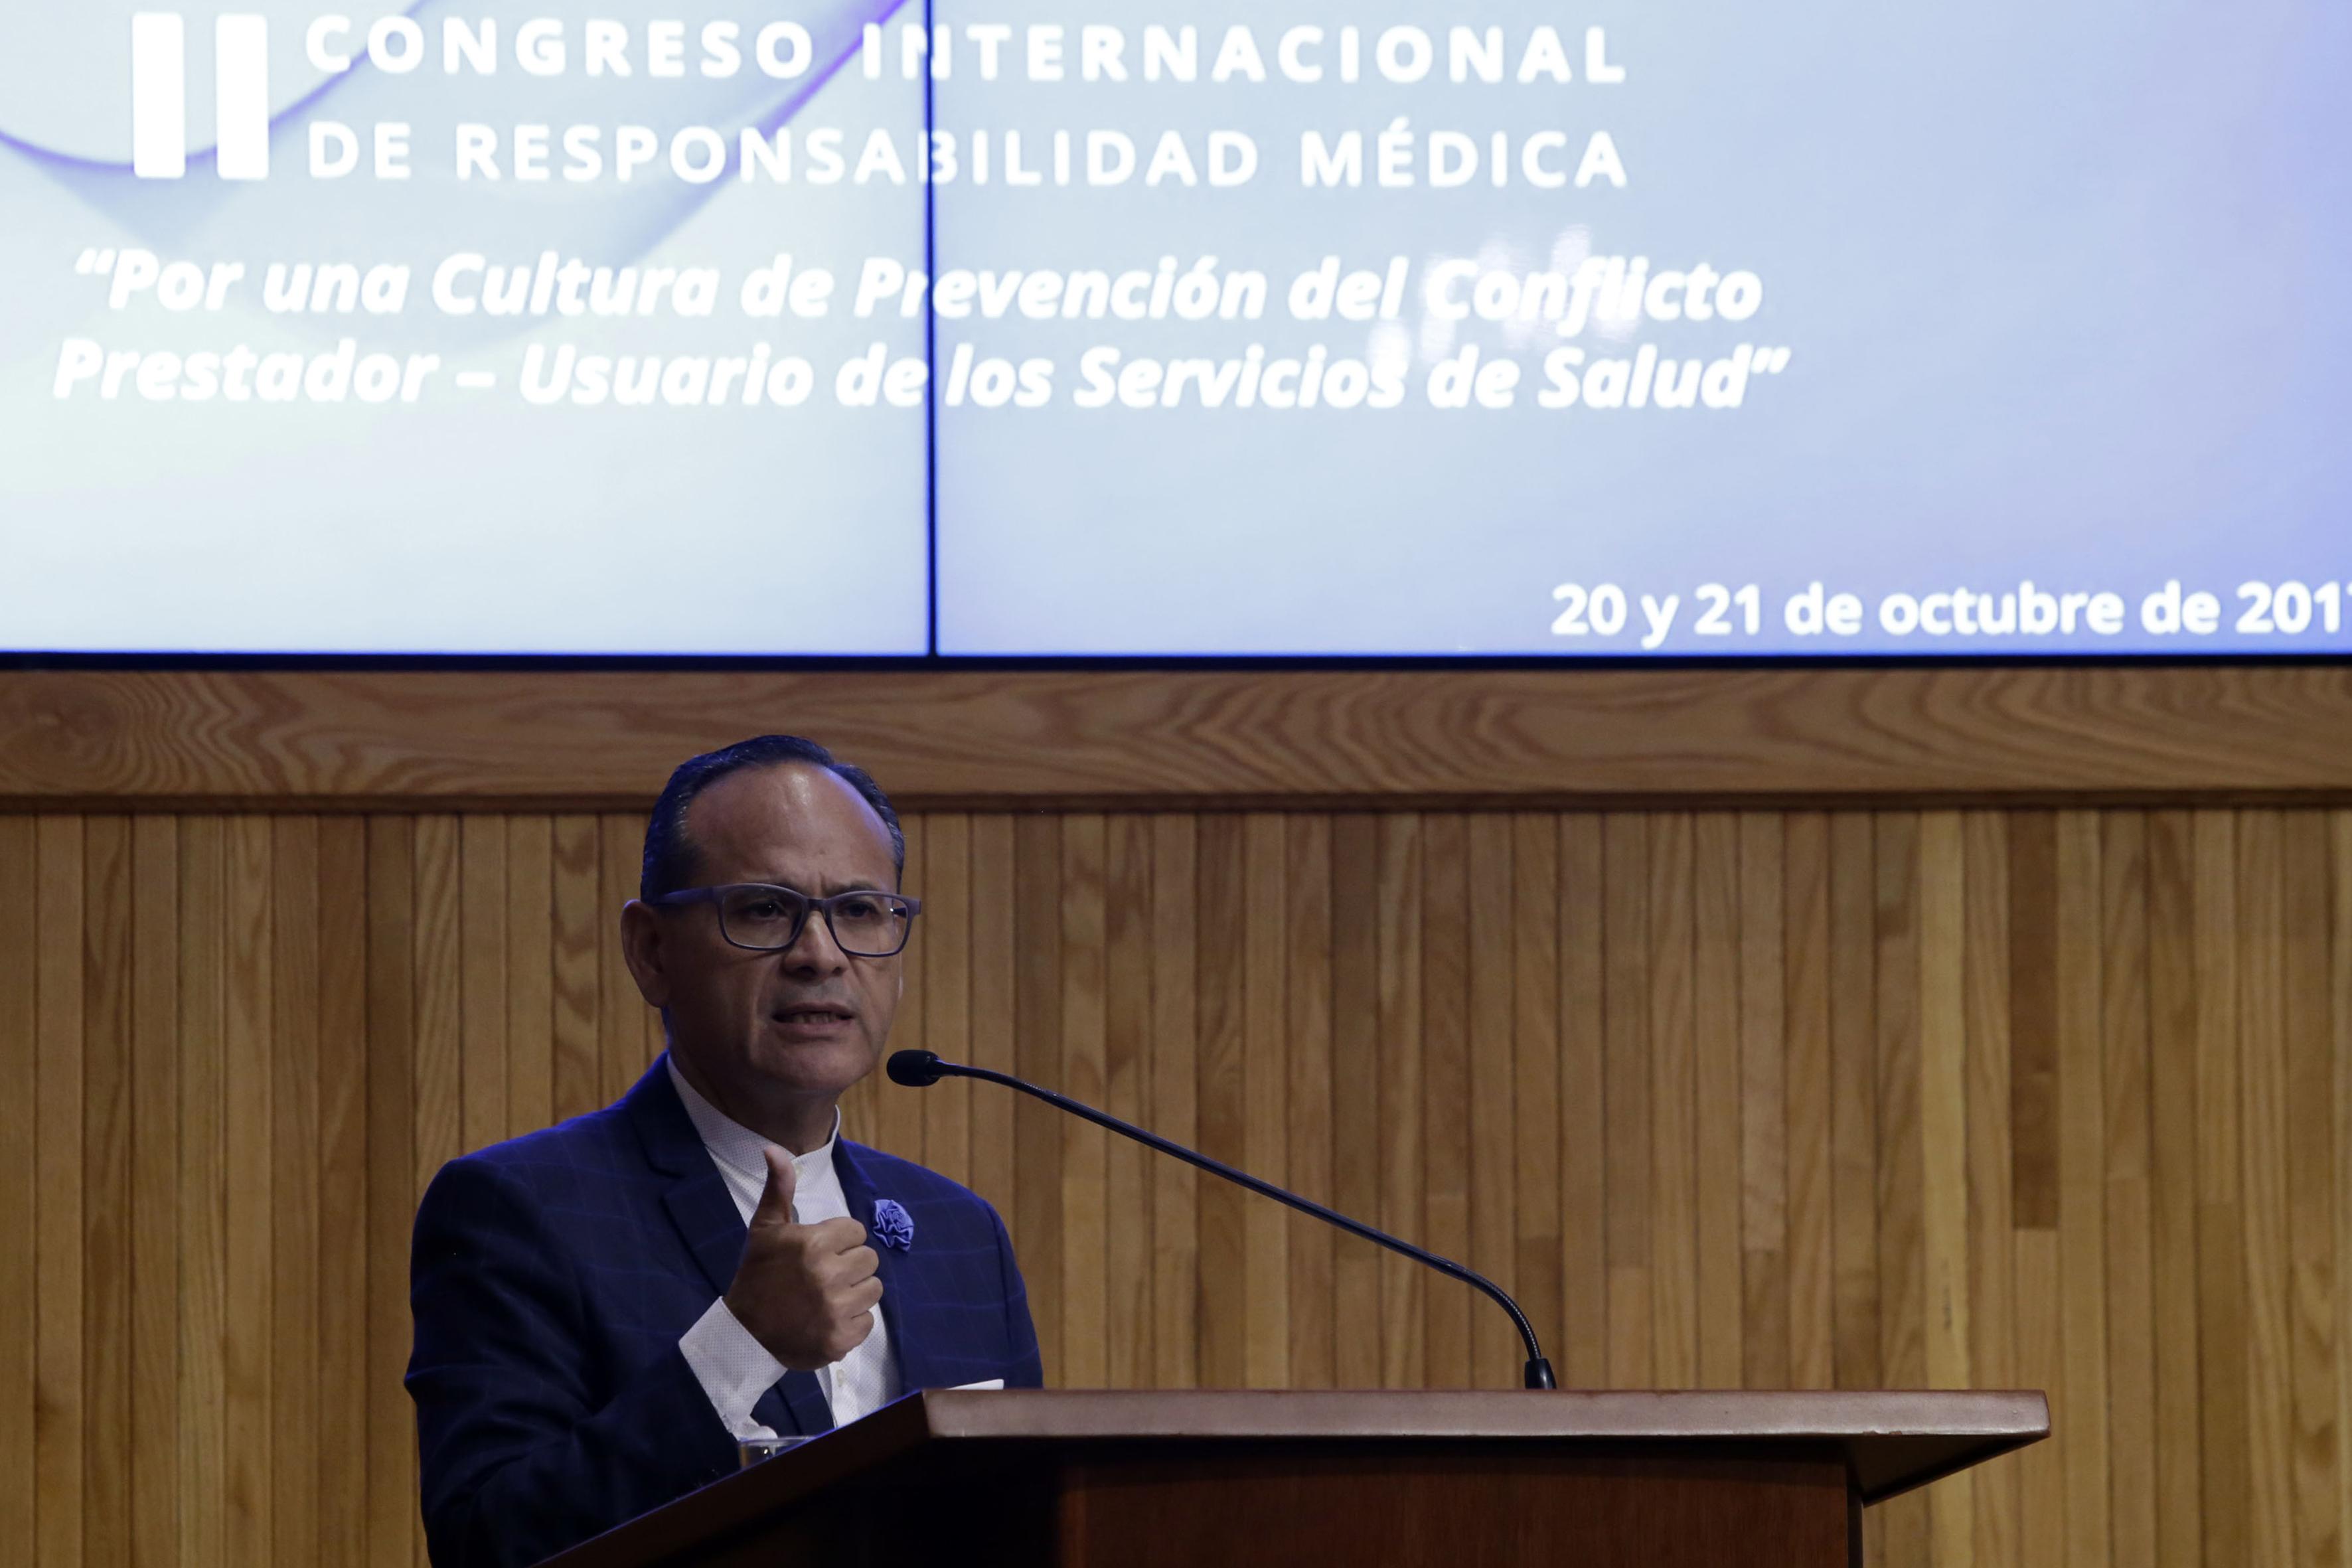 Doctor Héctor Raúl Pérez Gómez, Director General del OPD Hospital Civil de Guadalajara (HCG) haciendo uso de la palabra.